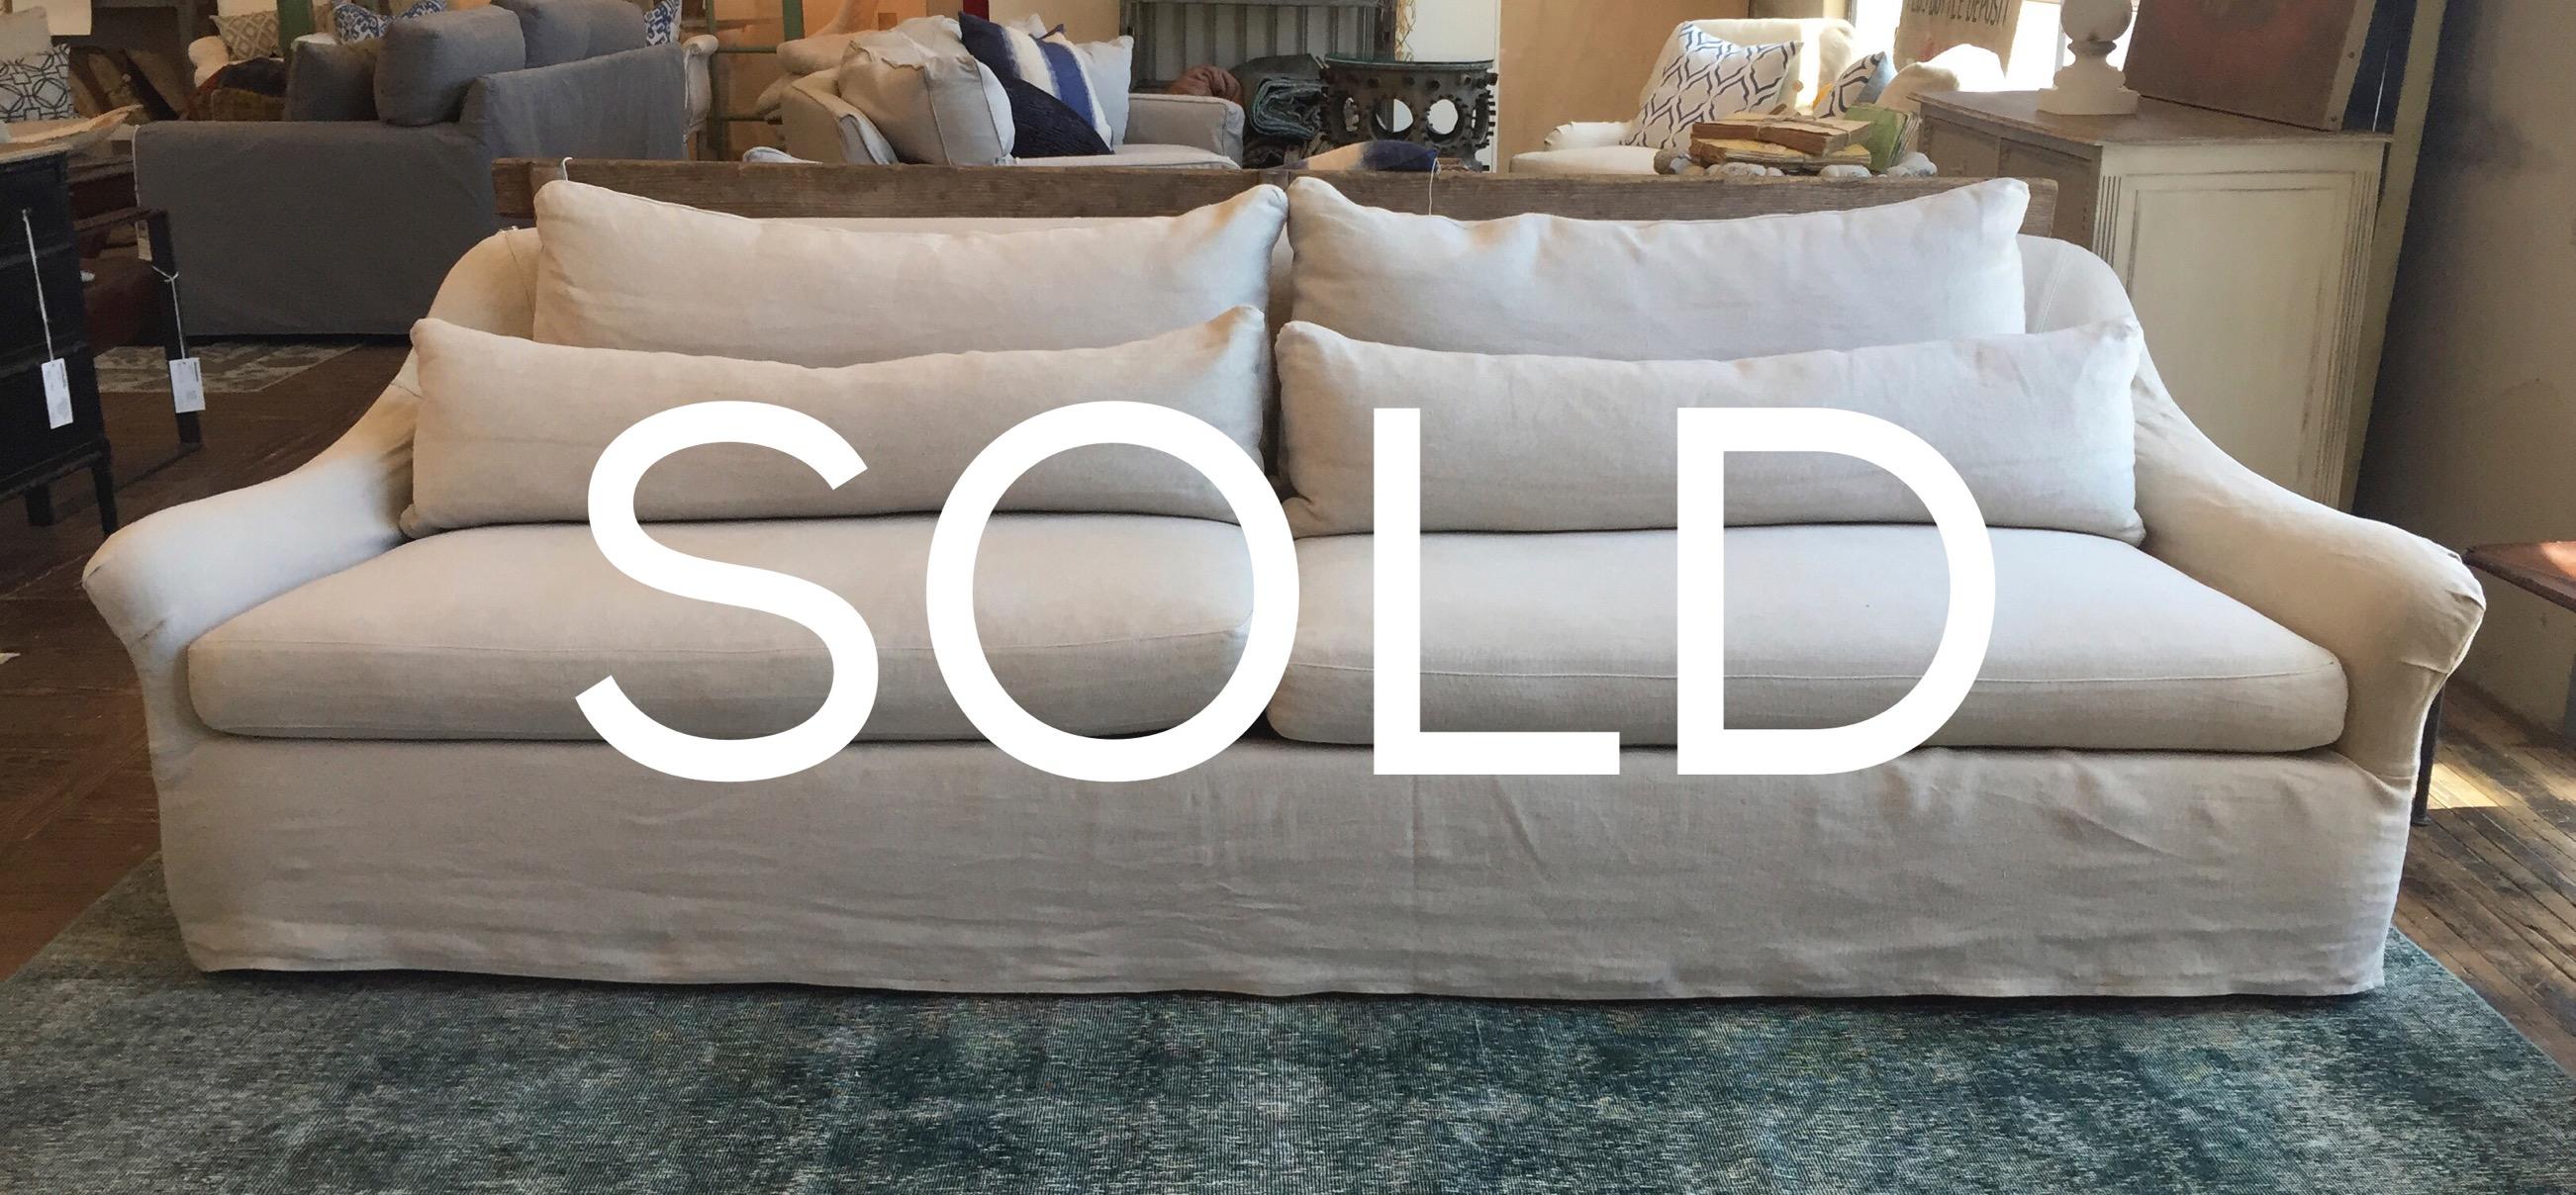 sold gen.JPG